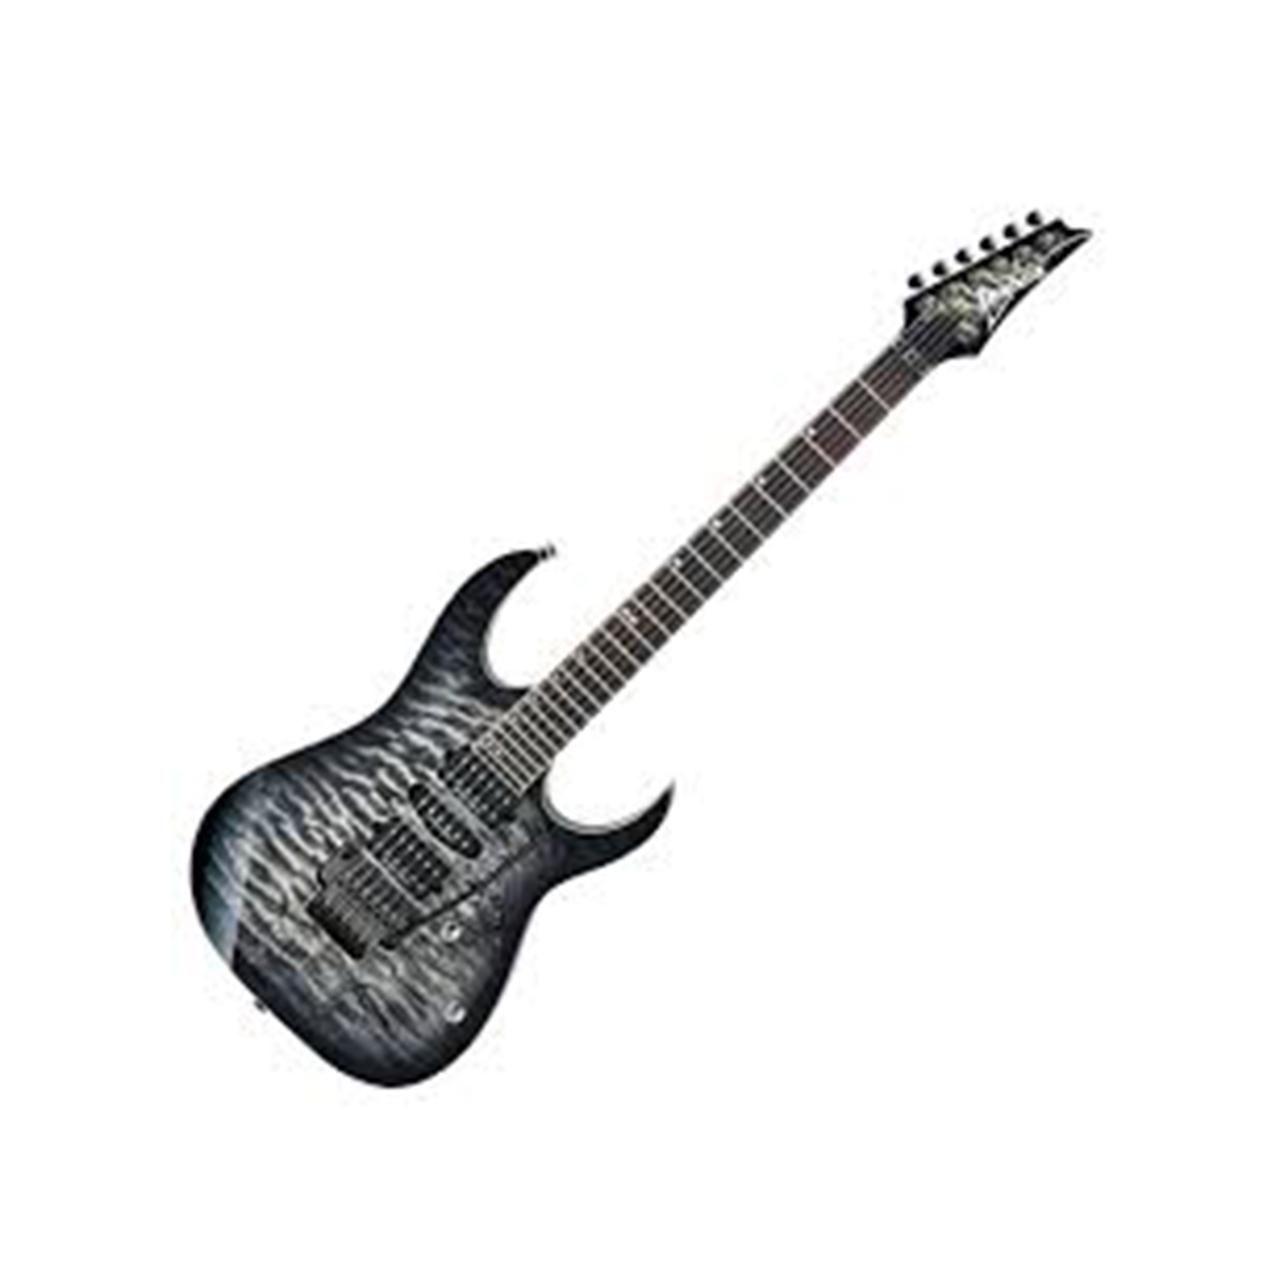 گیتار الکتریک آیبانز مدل RG970WQMZ BIB